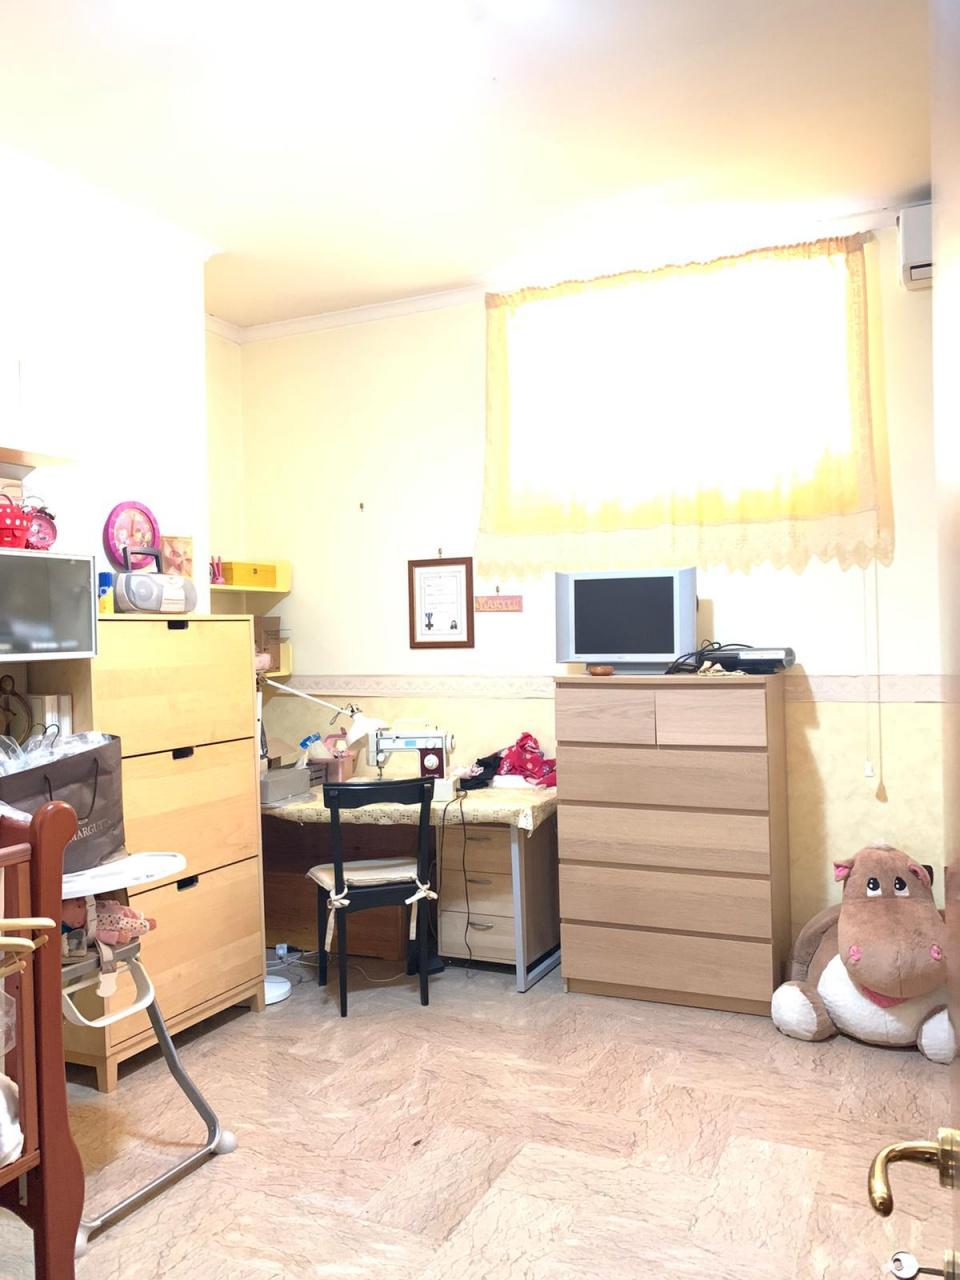 Appartamento, 0, Vendita - Ottaviano